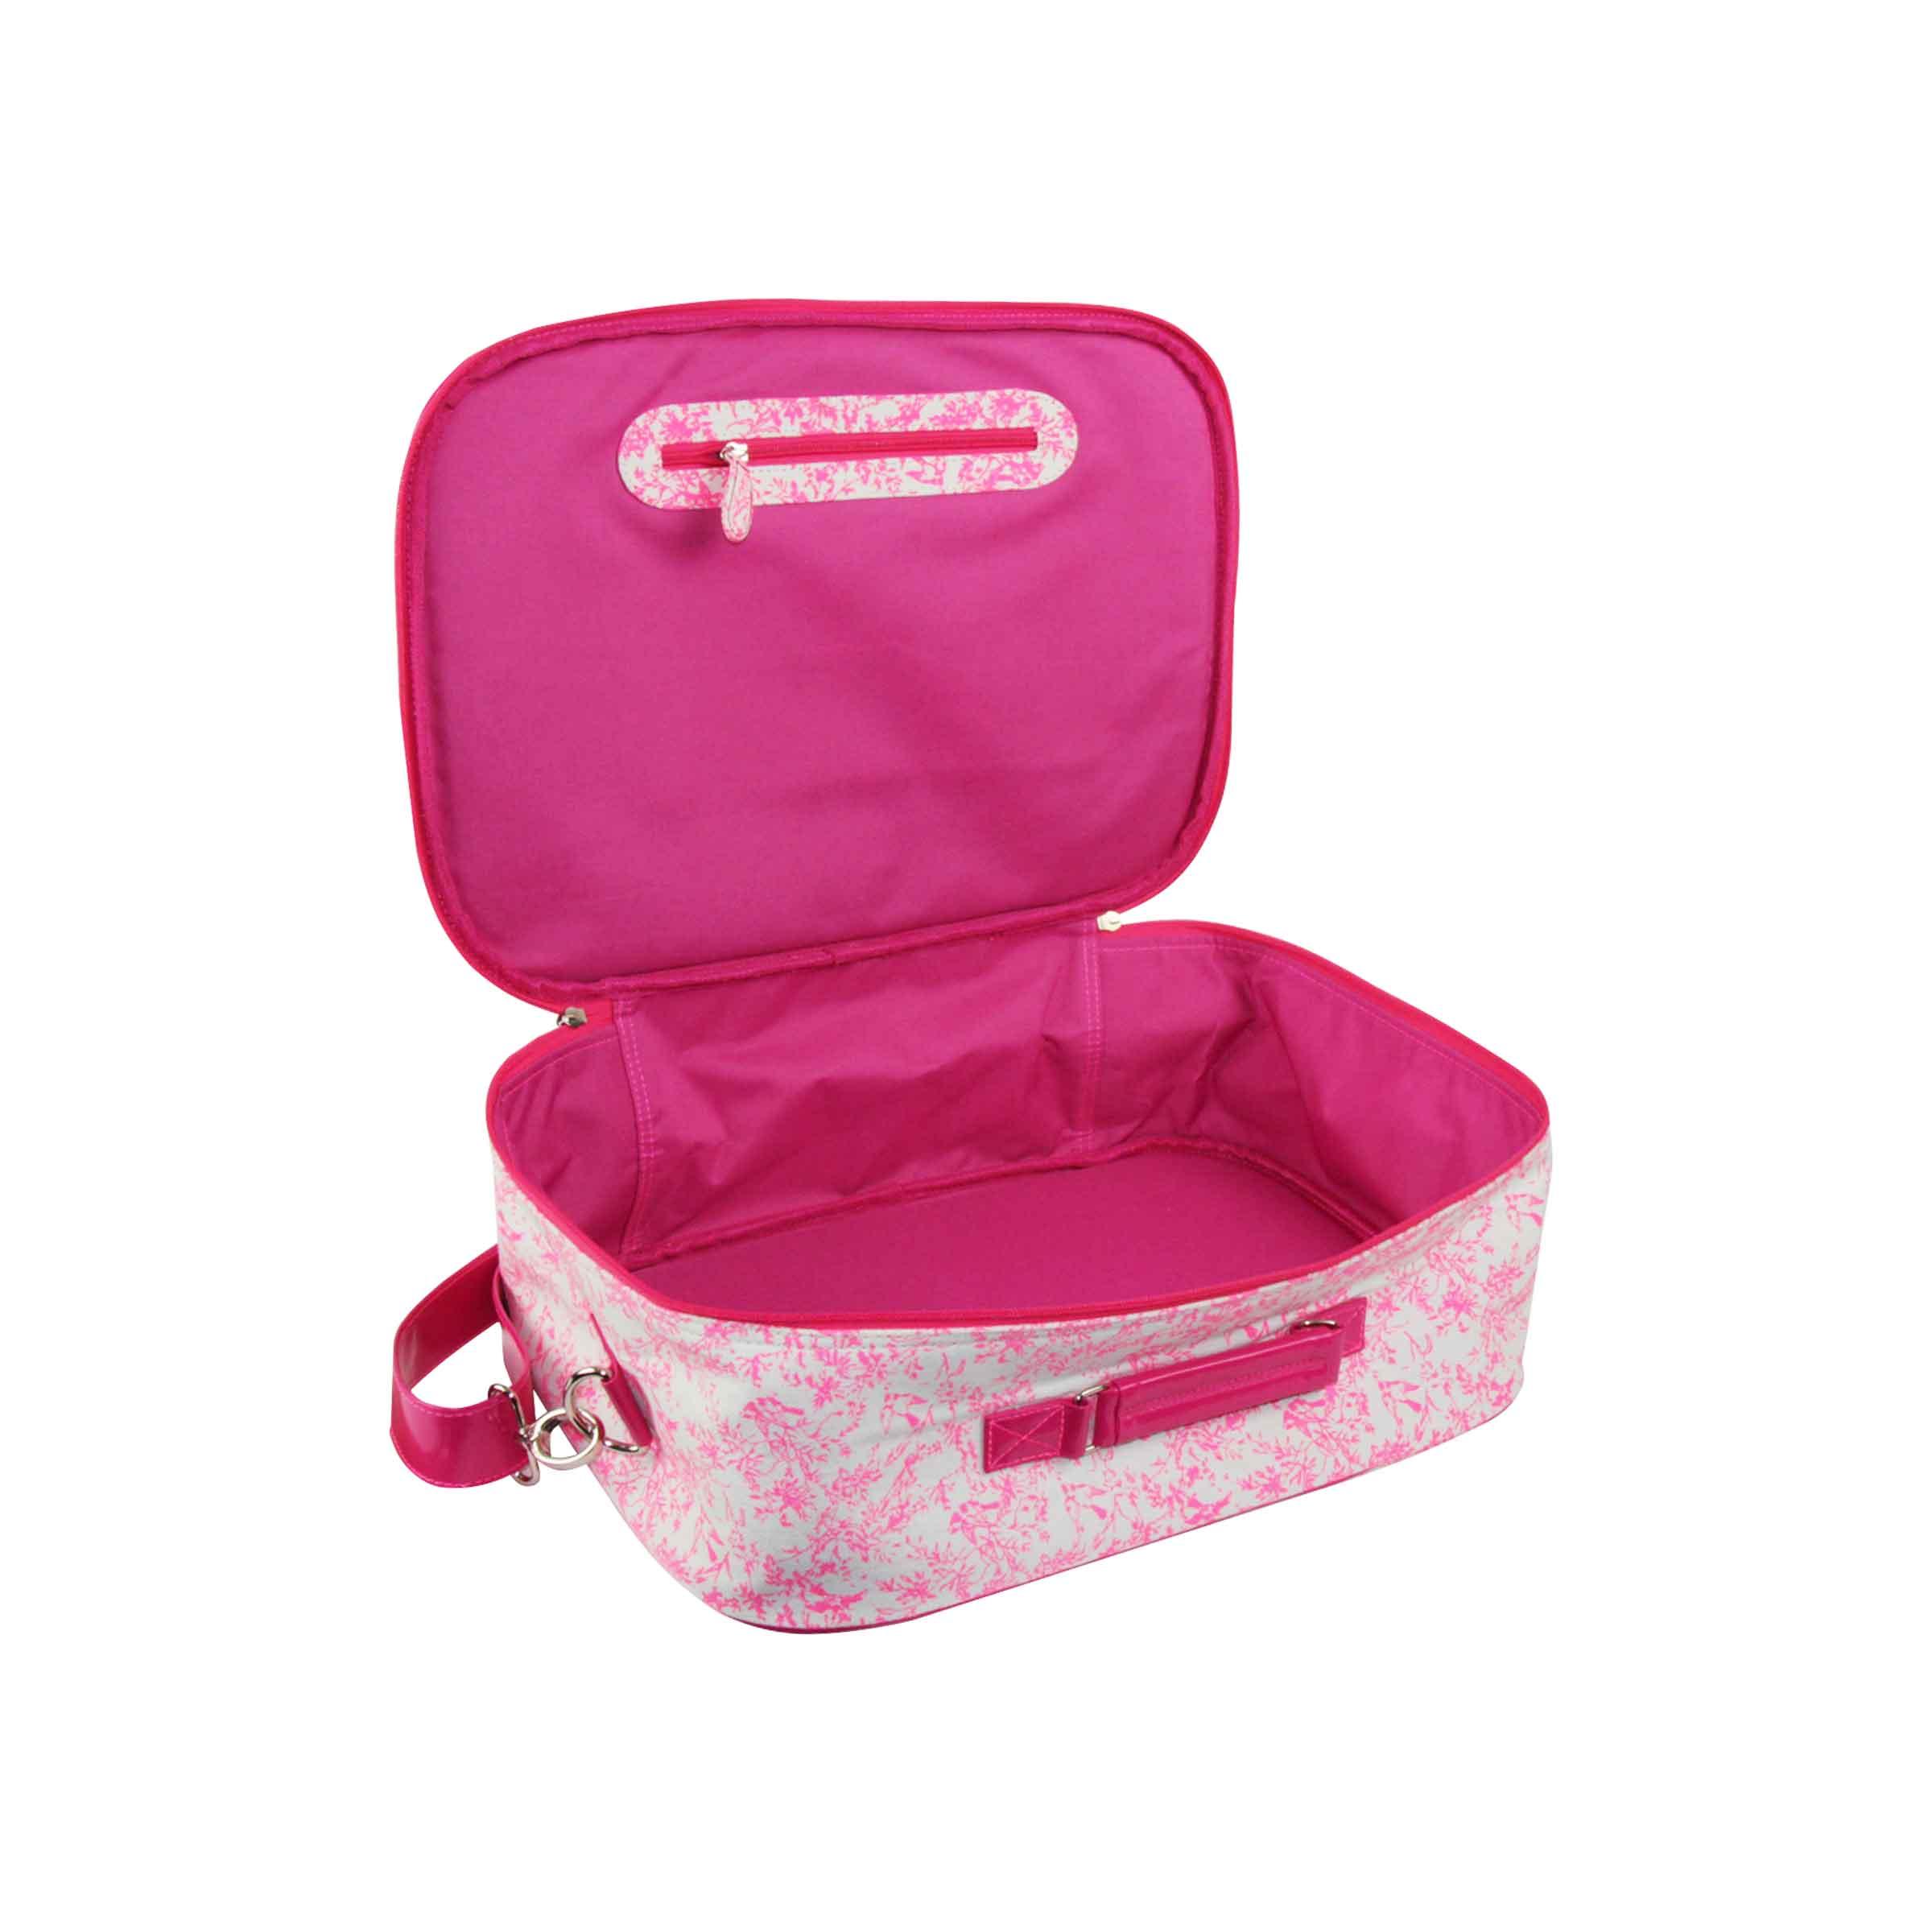 valise rose en toile de jouy